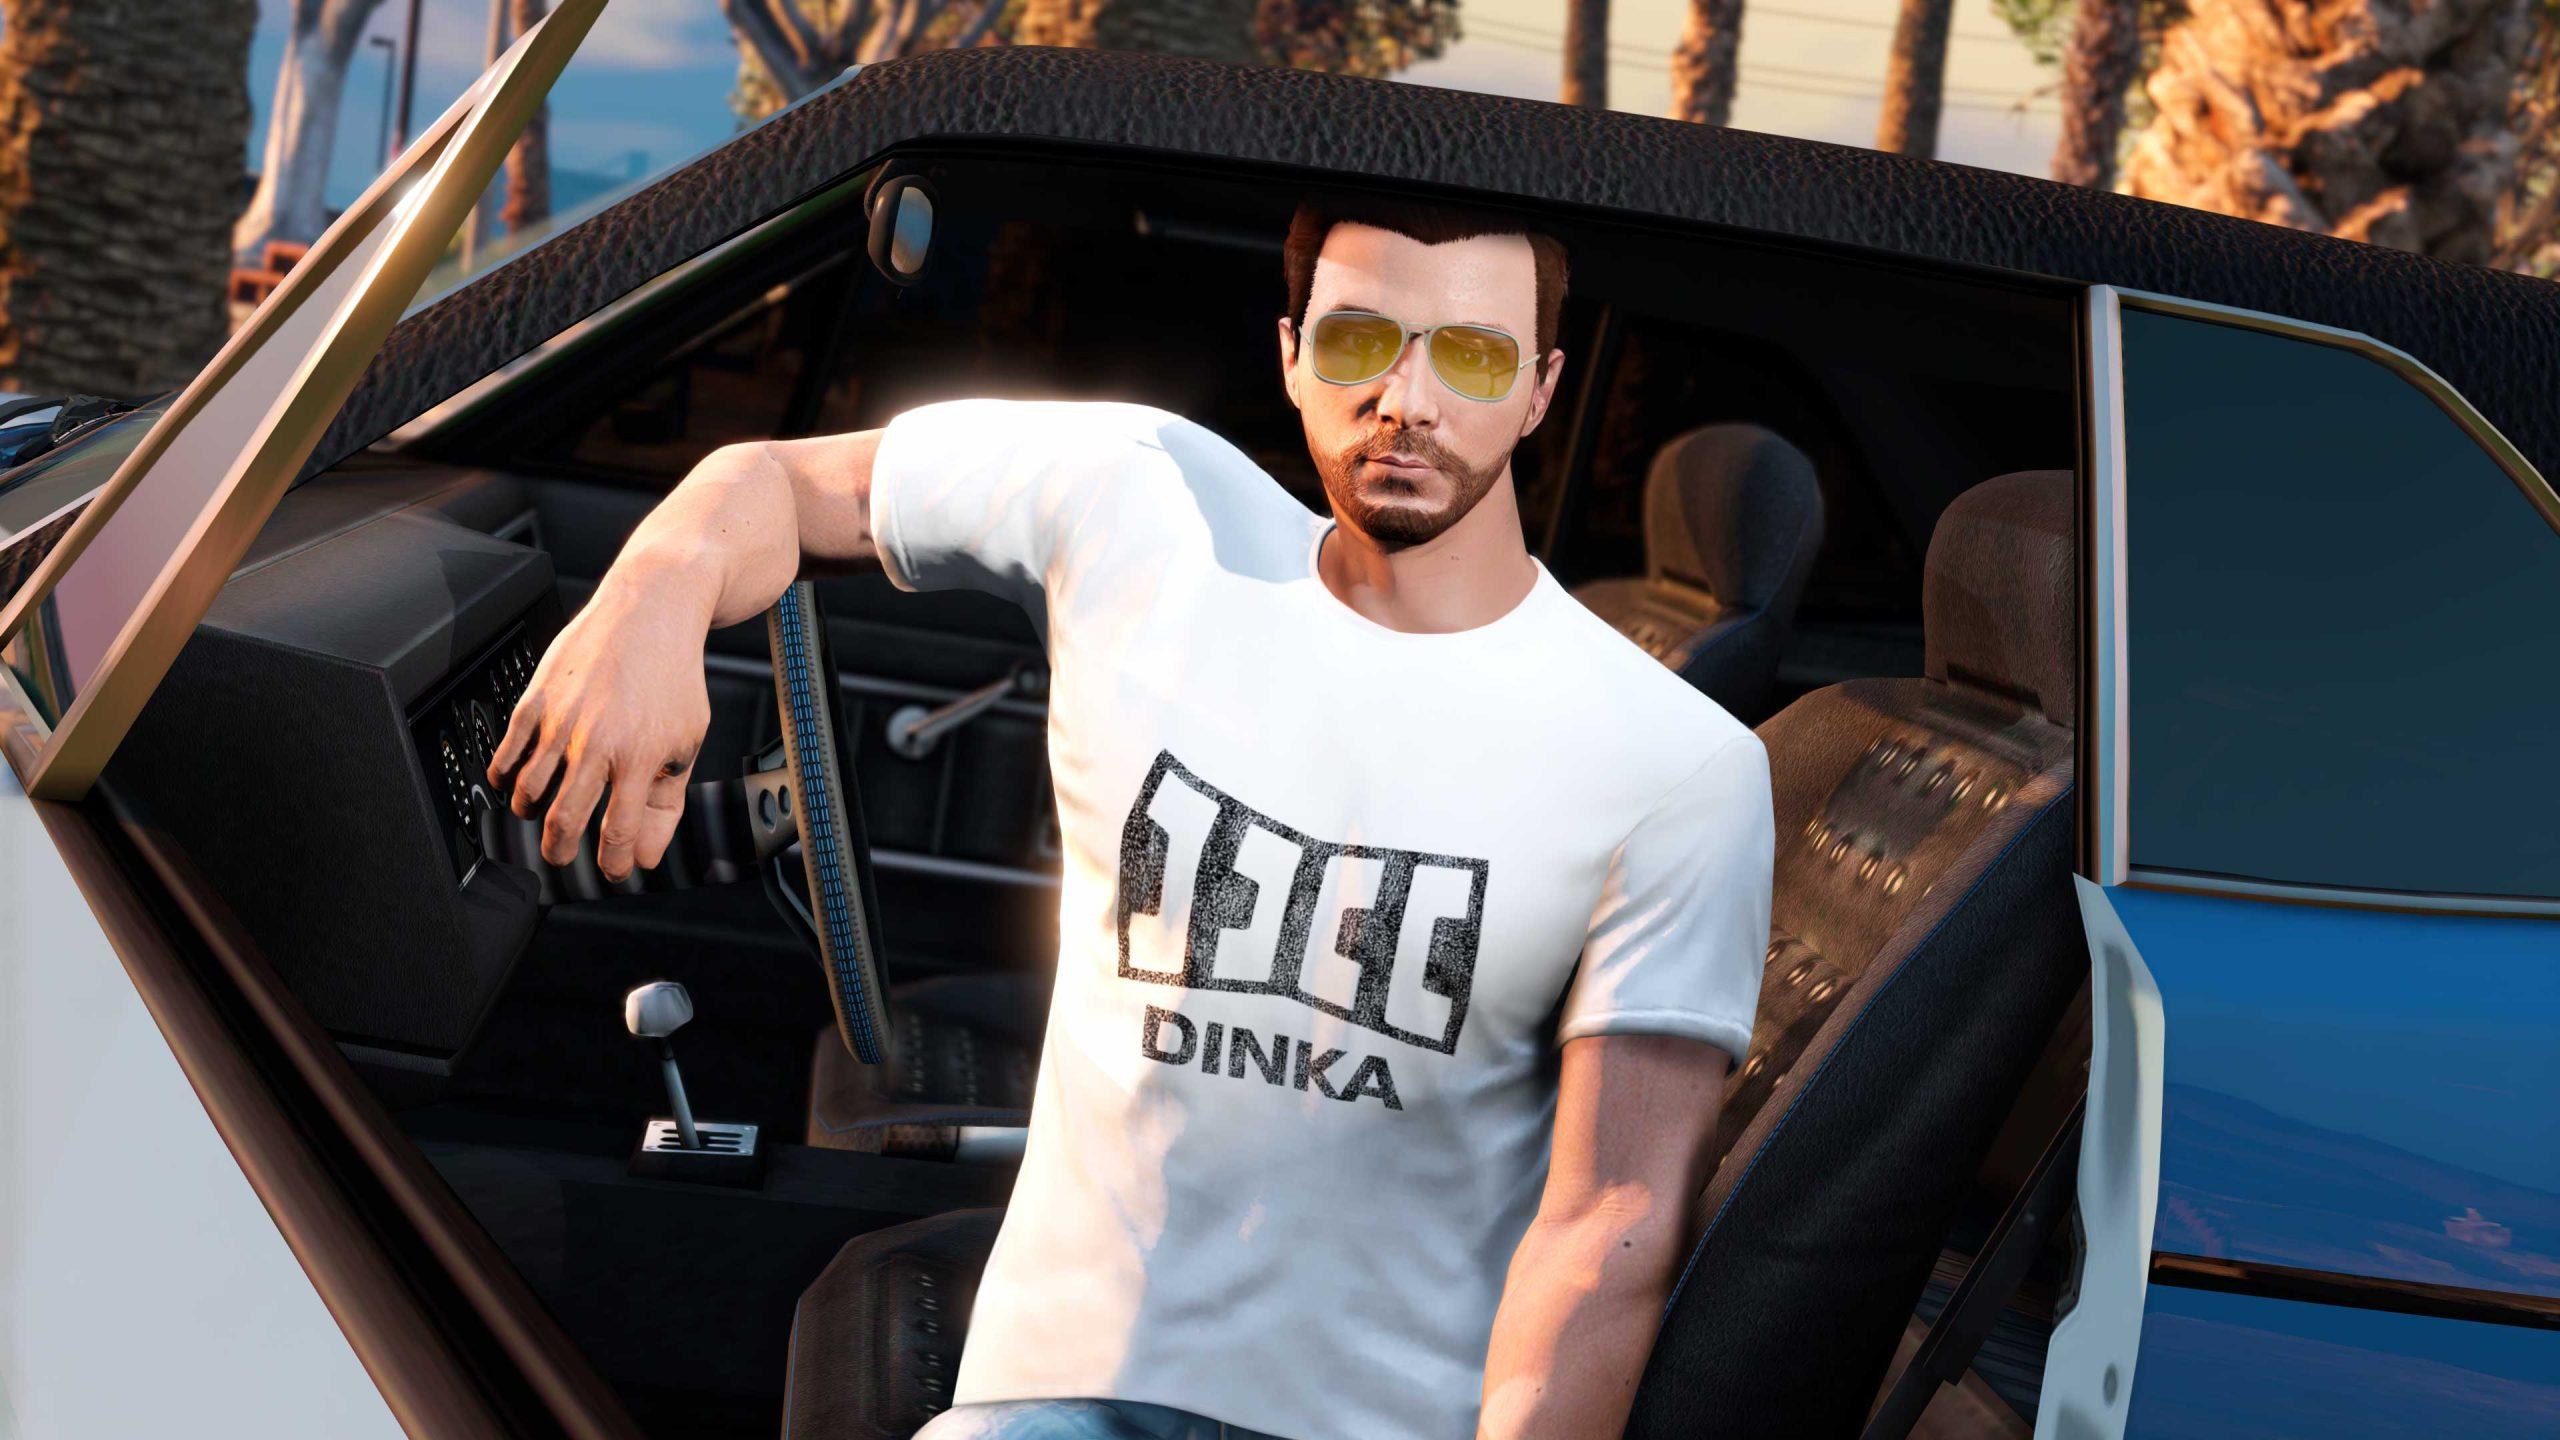 T-Shirt Dinka Offert